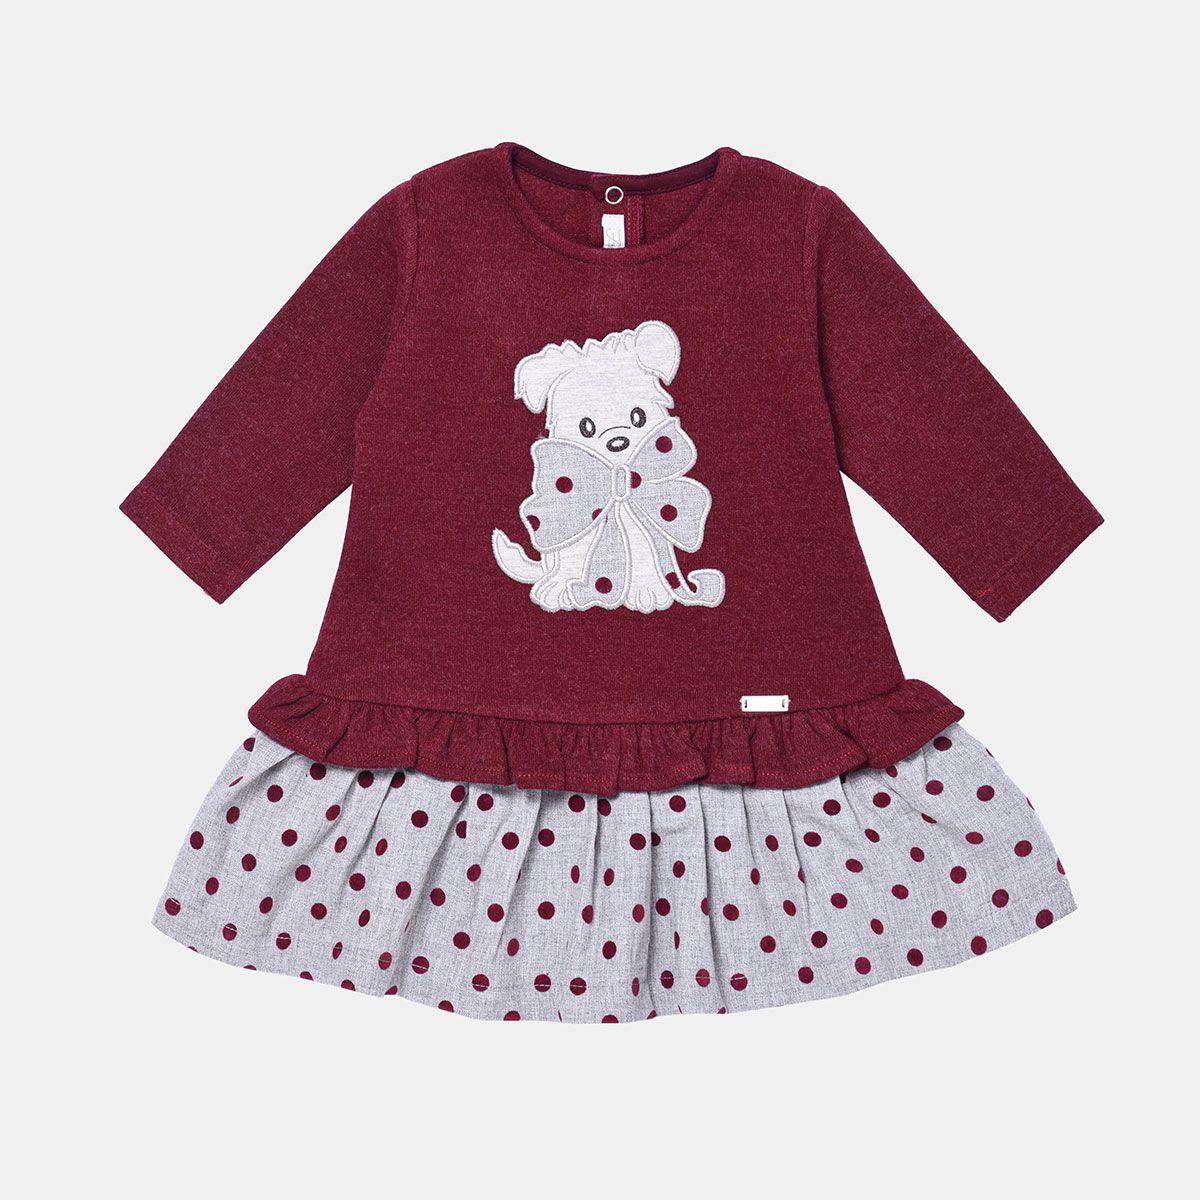 پیراهن دخترانه فیورلا مدل  خرس خالدار  کد 31515 -  - 2